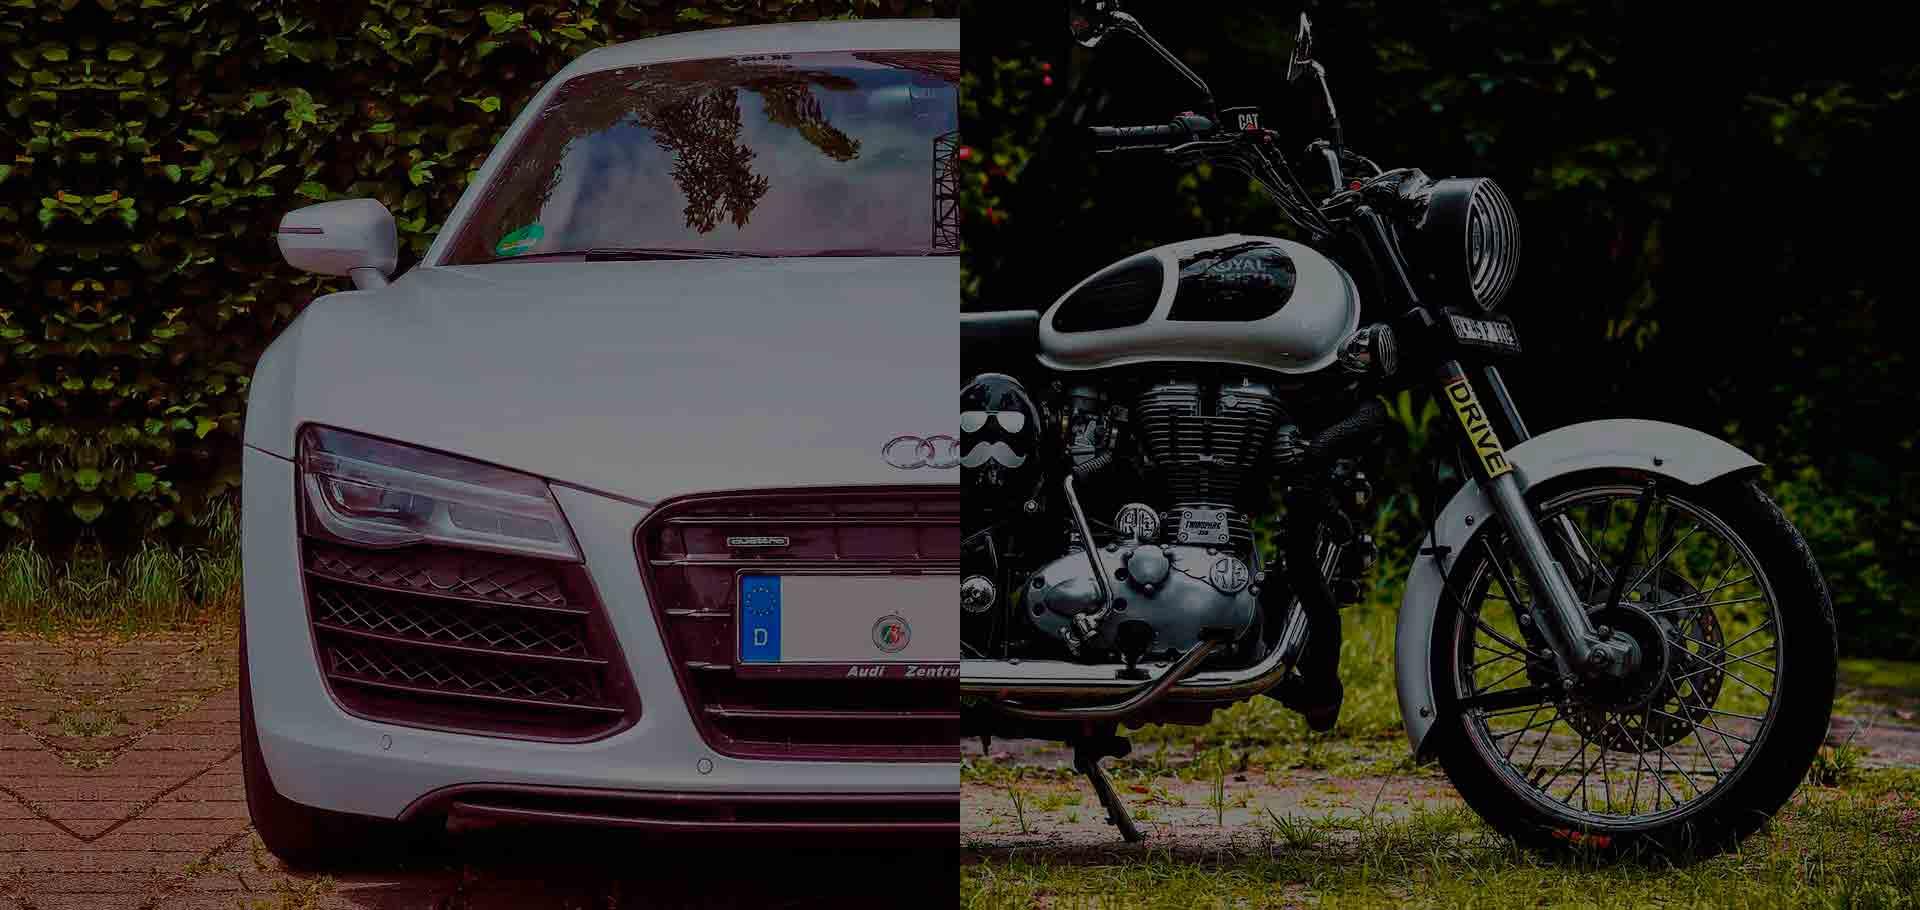 Taller Restauracion de vehiculos (coches / motos) en valencia y provincia